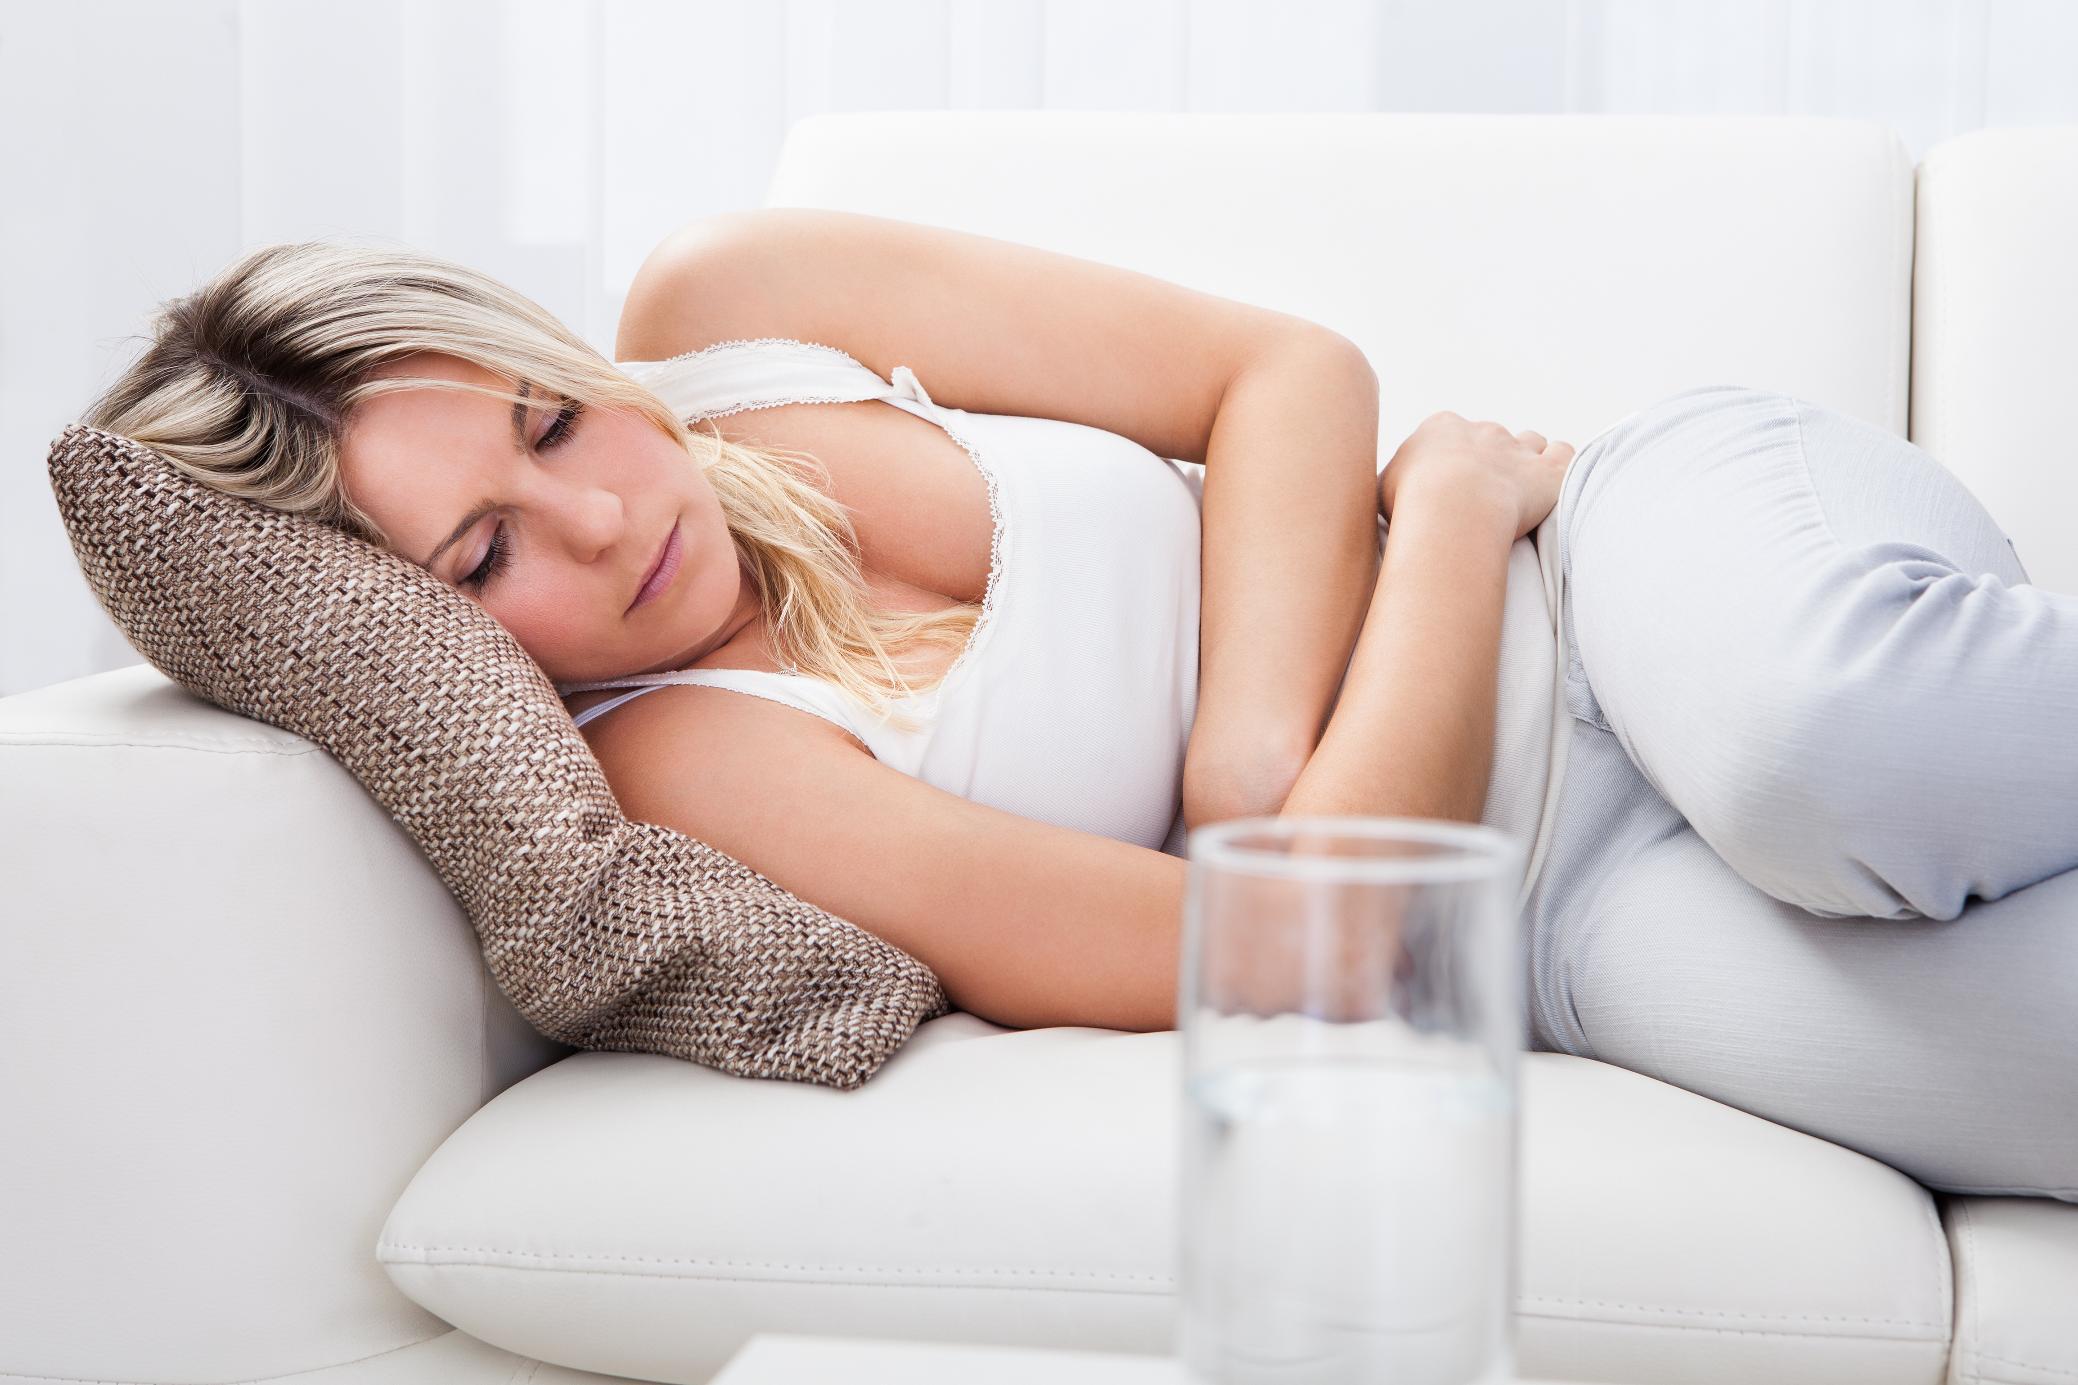 Рефлюкс-эзофагит: симптомы, степени, лечение, диета